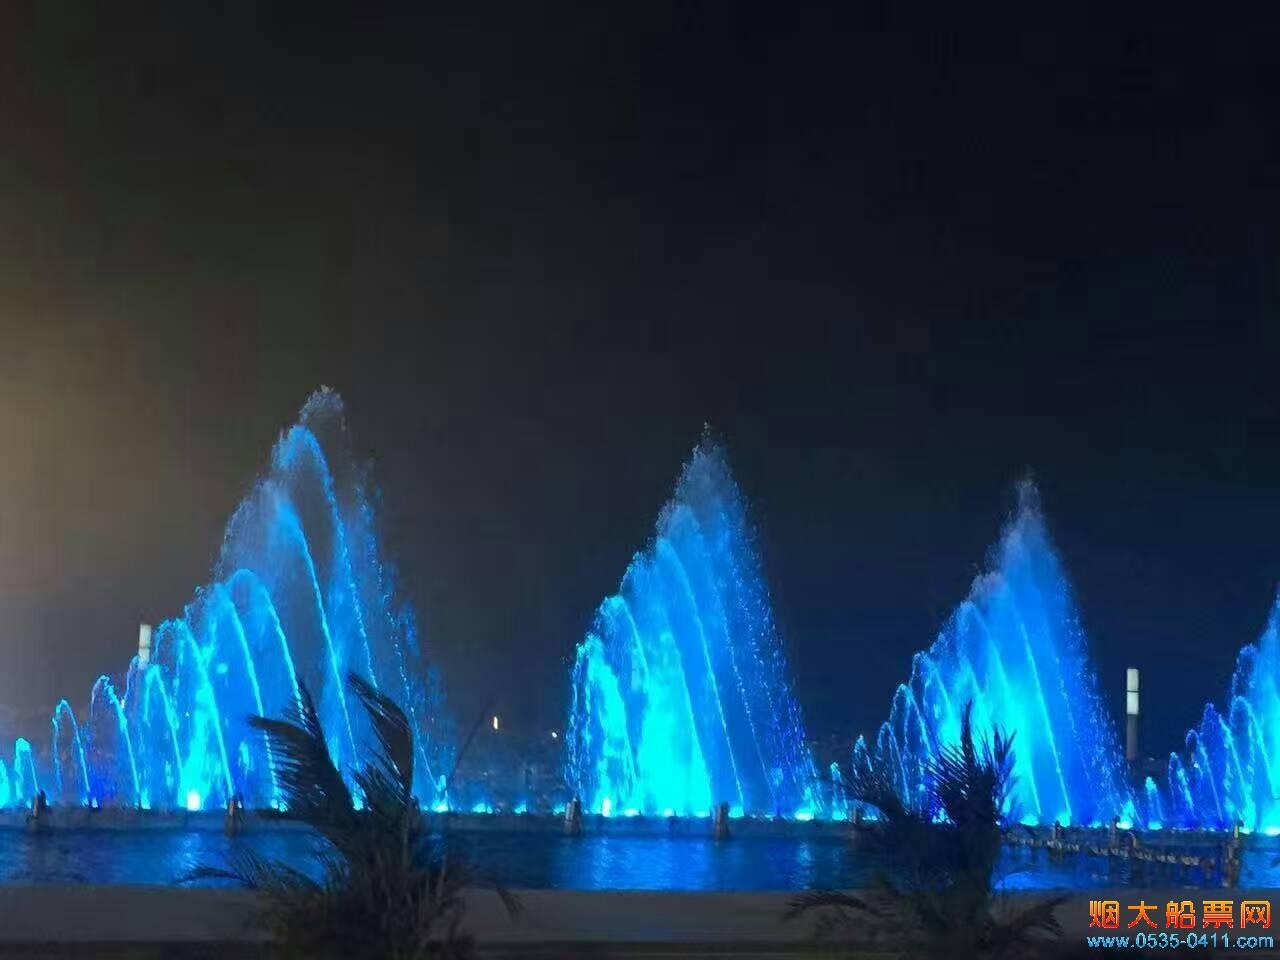 大连东港音乐喷泉音响绝佳喷泉美轮美奂